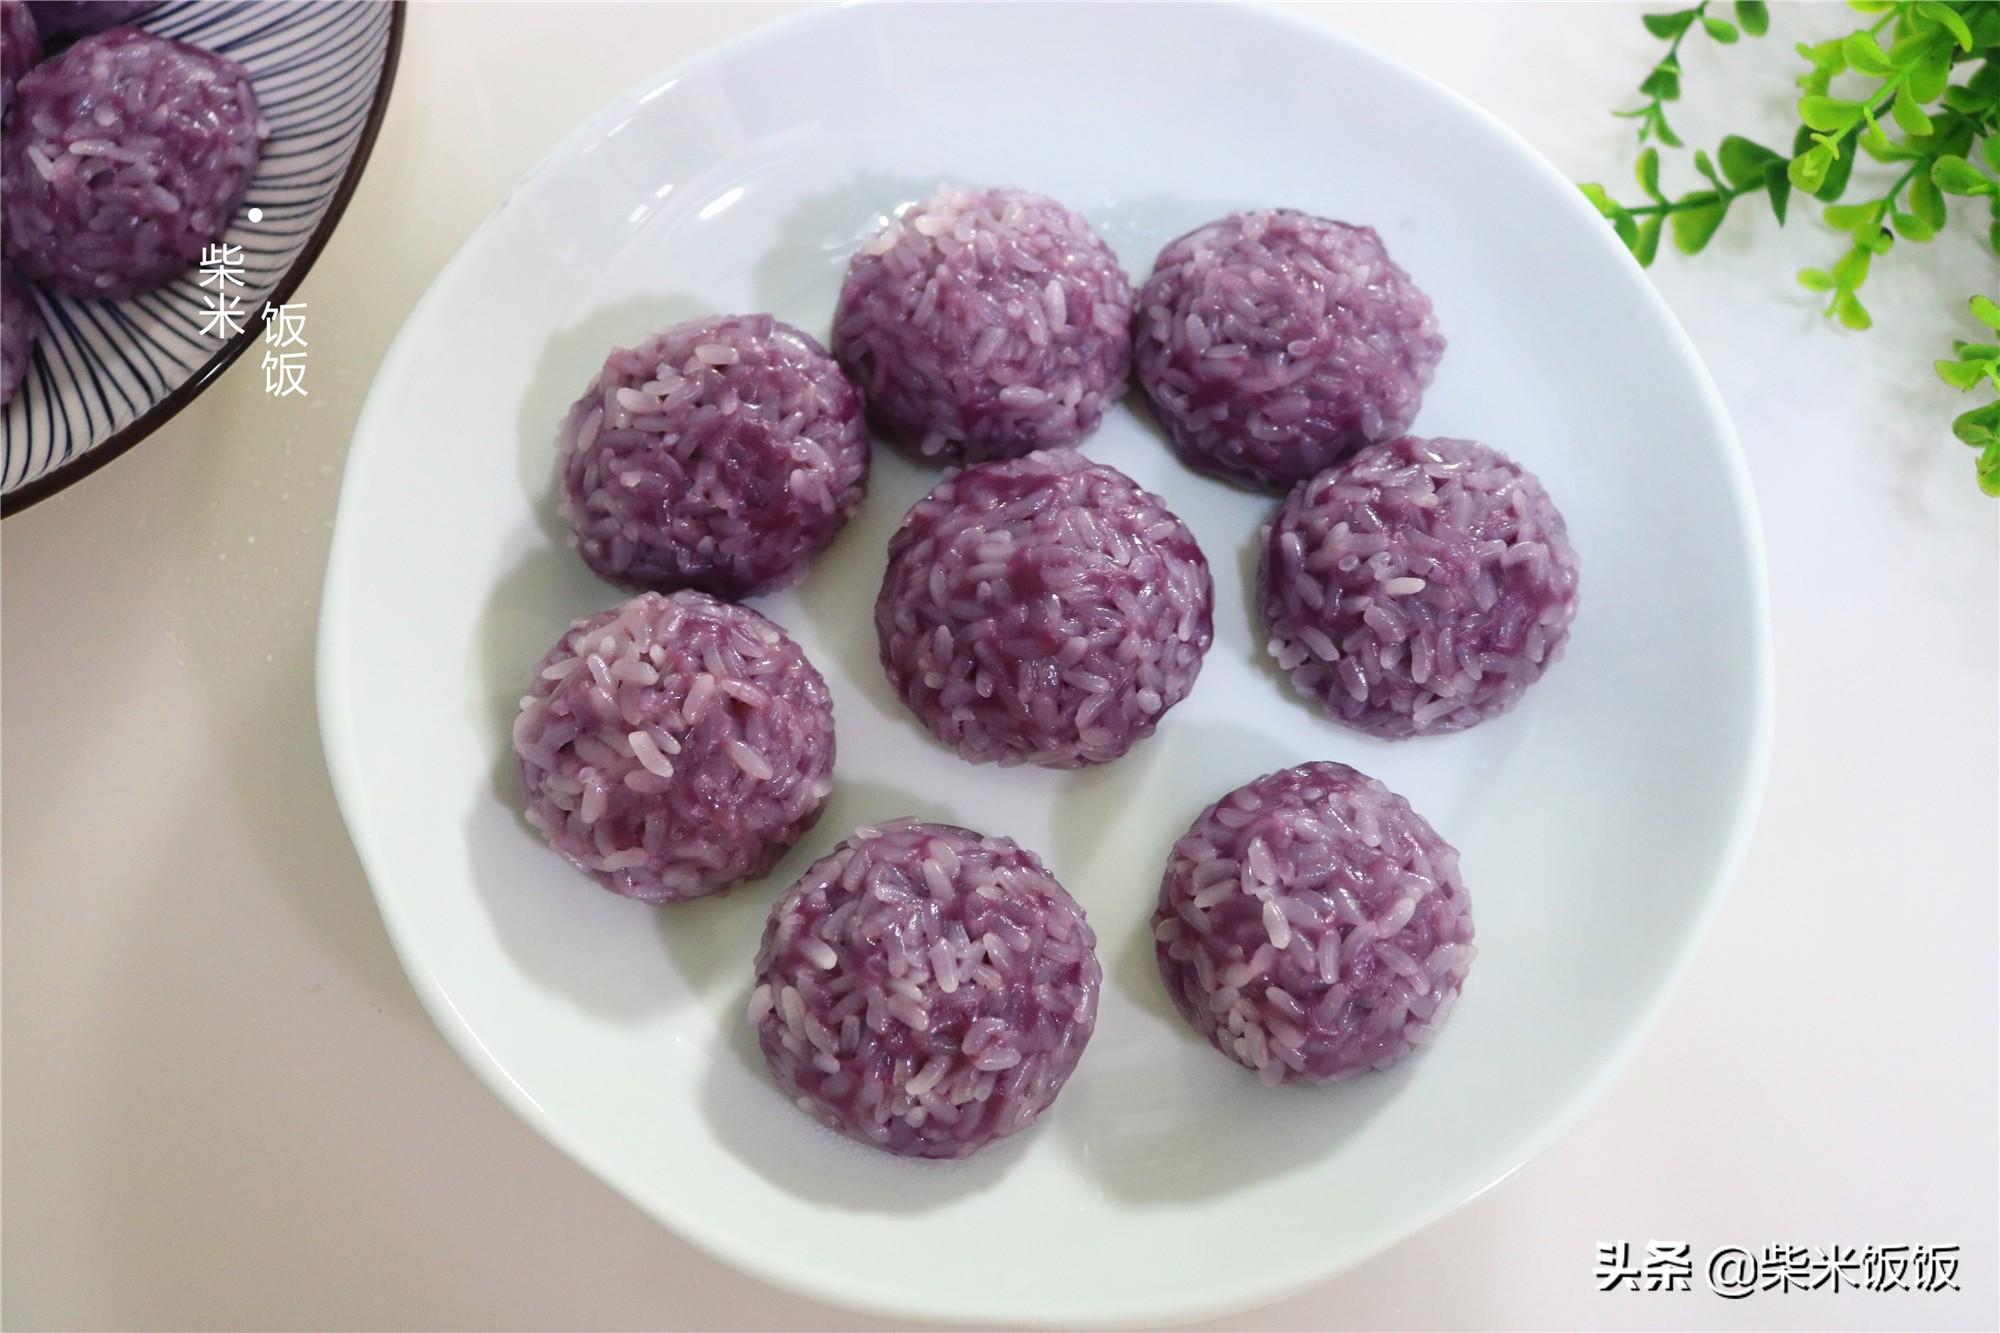 紫薯新吃法,多做一些放冰箱,吃的时候蒸一蒸,简单又营养